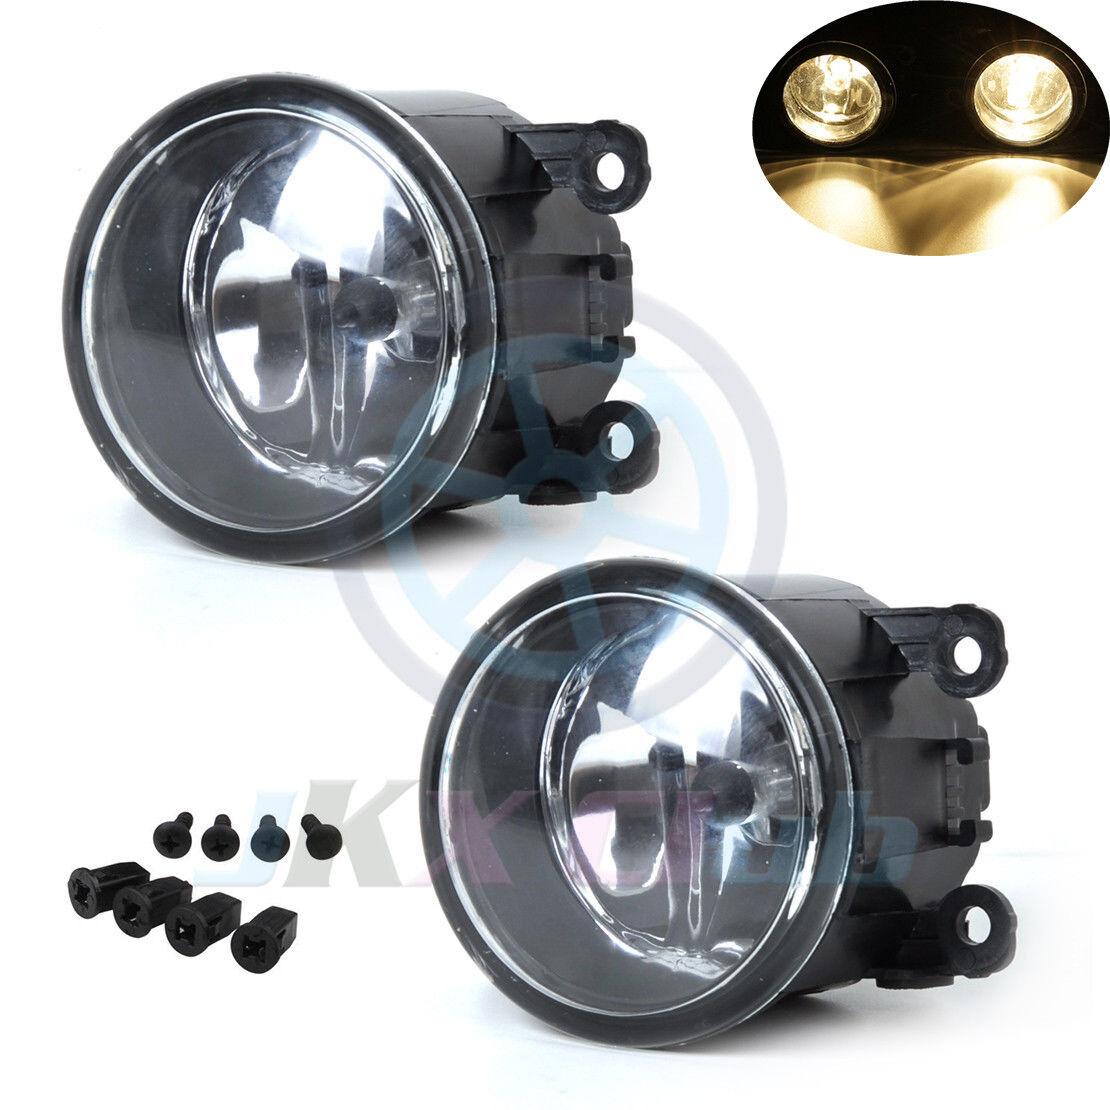 DNA Motoring FL-OEM-0103 1Pc LH//RH Fog Light//Lamp For 06-12 Mitsubishi Eclipse//Endeavor